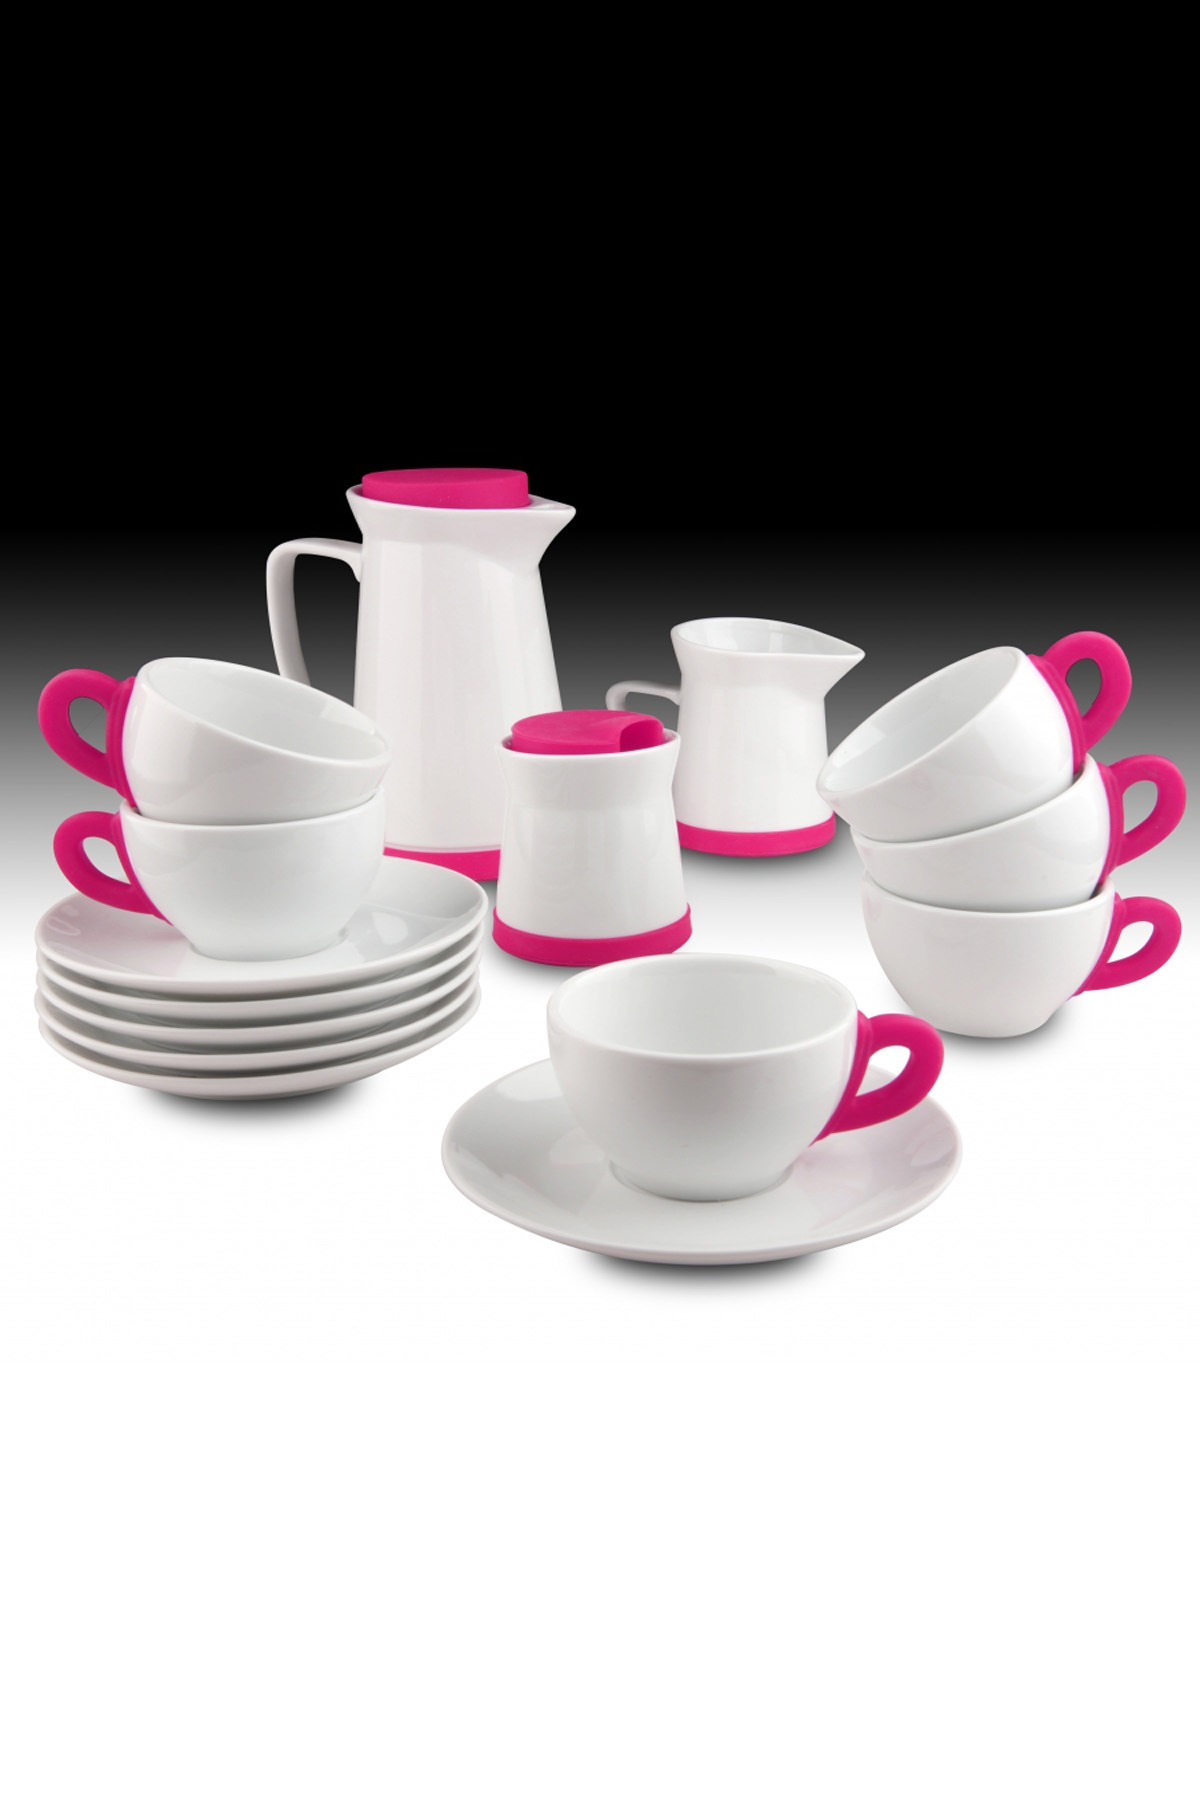 Kütahya Porselen - Kütahya Porselen 17 Parça Çay Seti Pembe